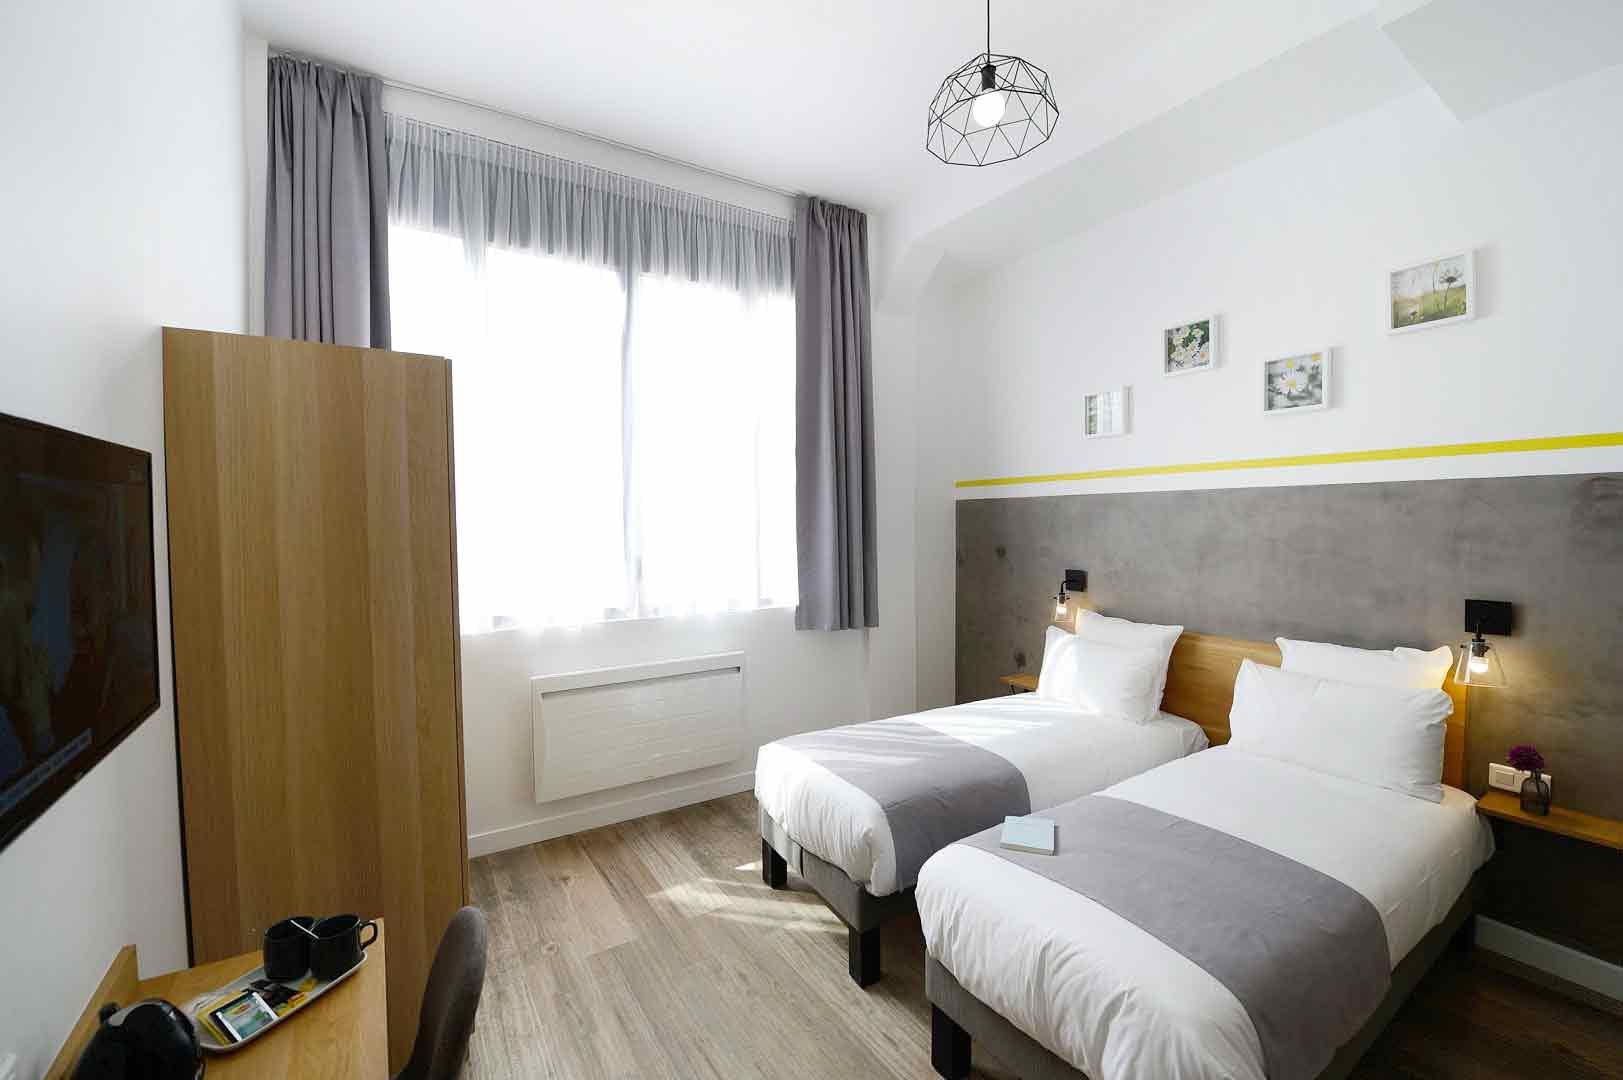 Chambre élégante avec lits jumeaux, de notre hôtel 3 étoiles à Paris, hôtel Terre Neuve